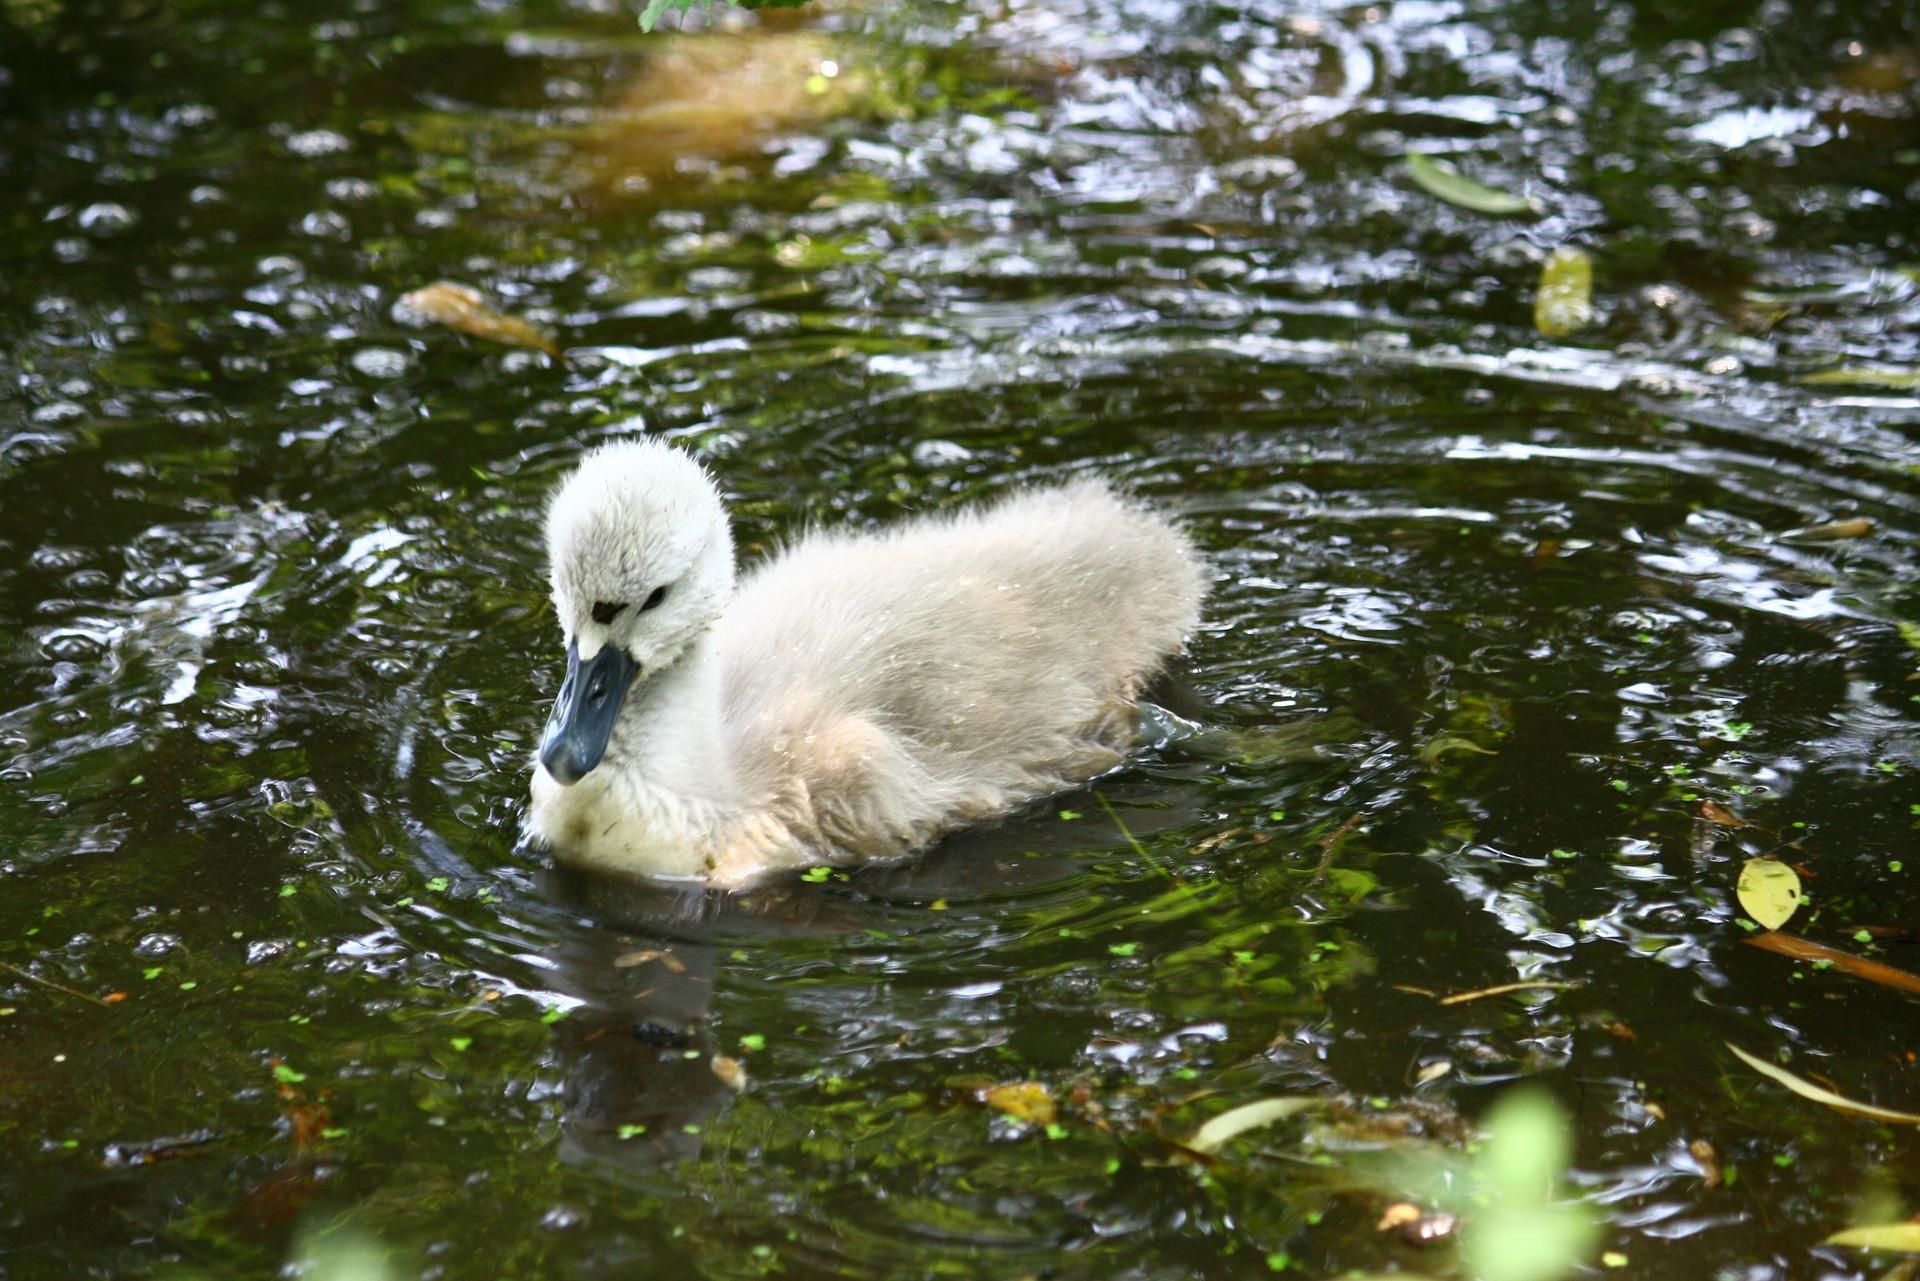 swan-1639154_1920.jpg